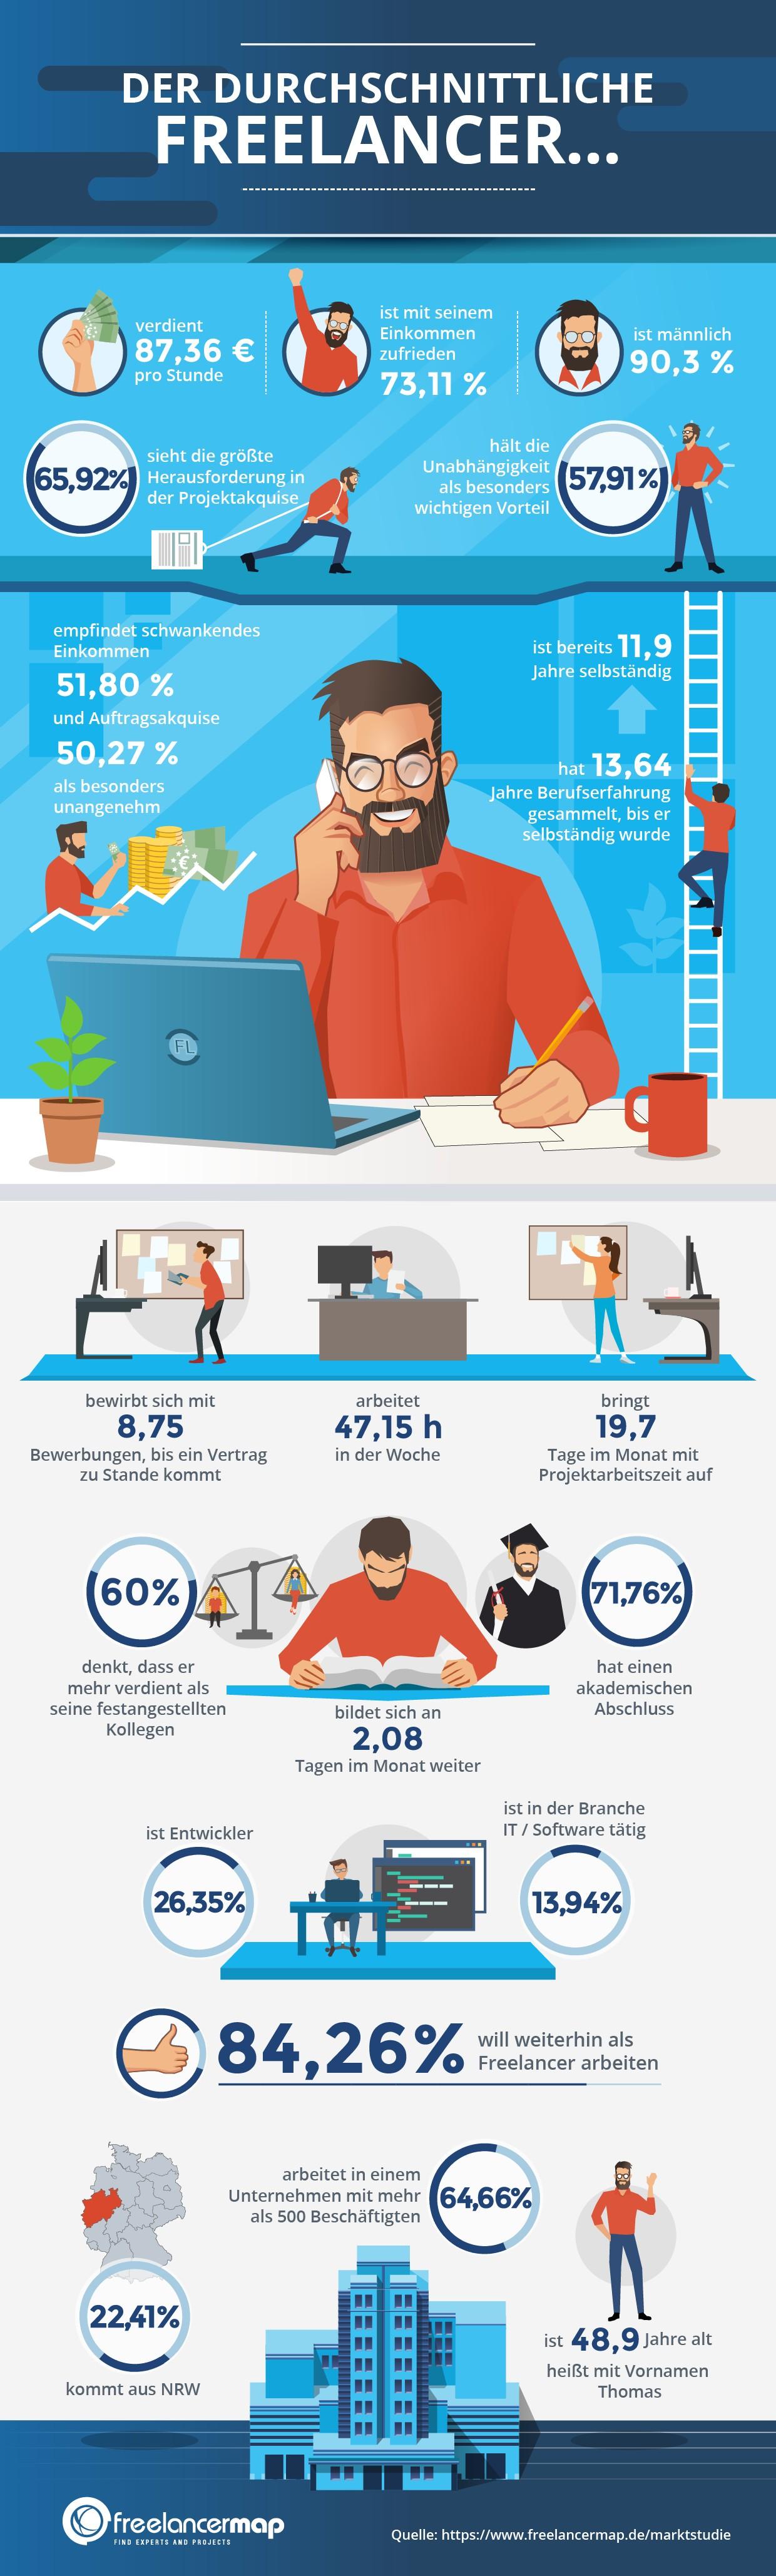 Der durchschnittliche Freelancer